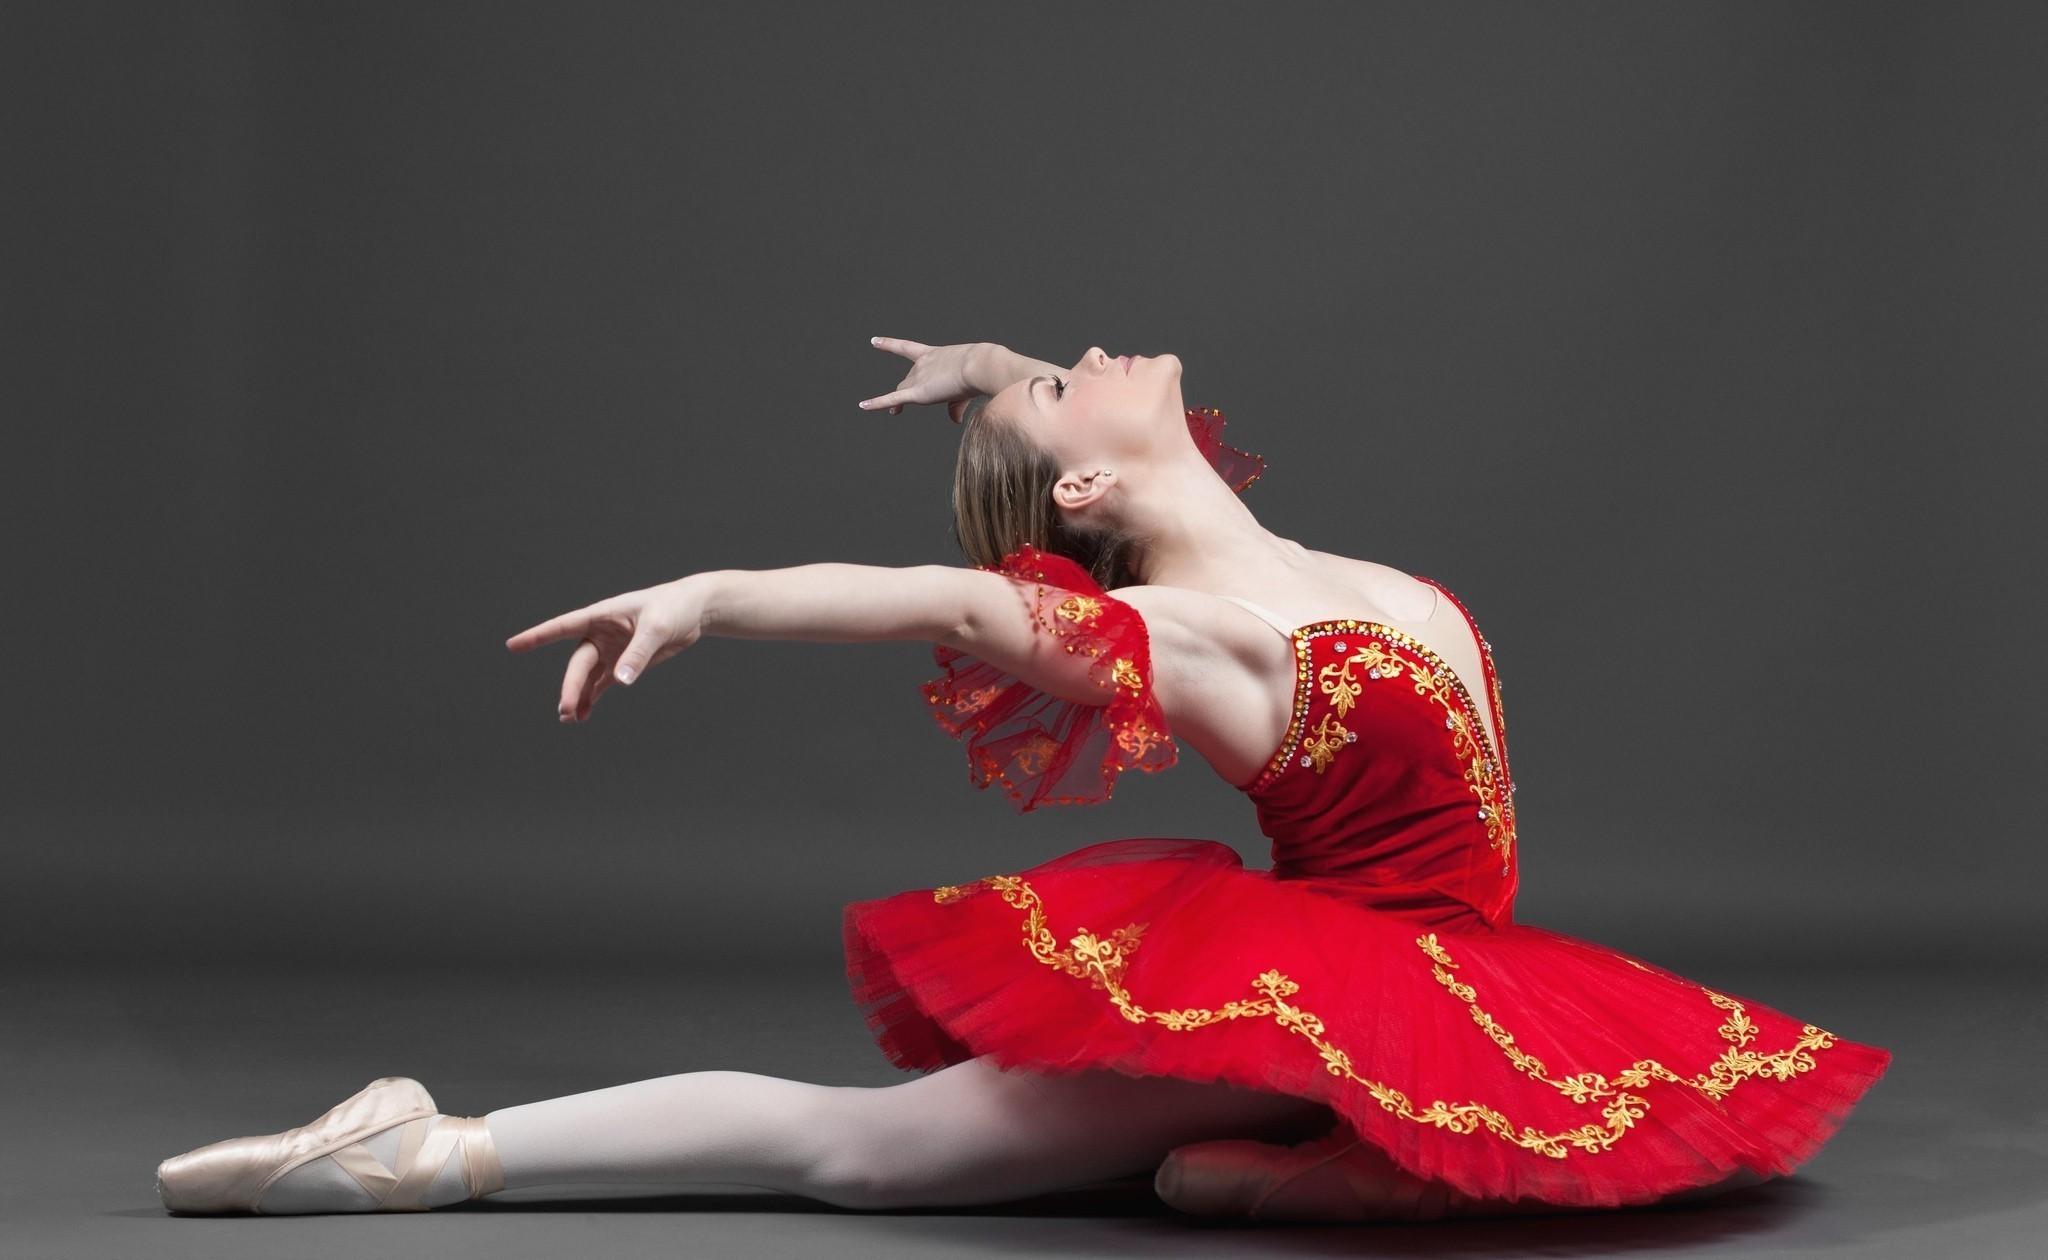 картинки про балет высокого разрешения туры вполне